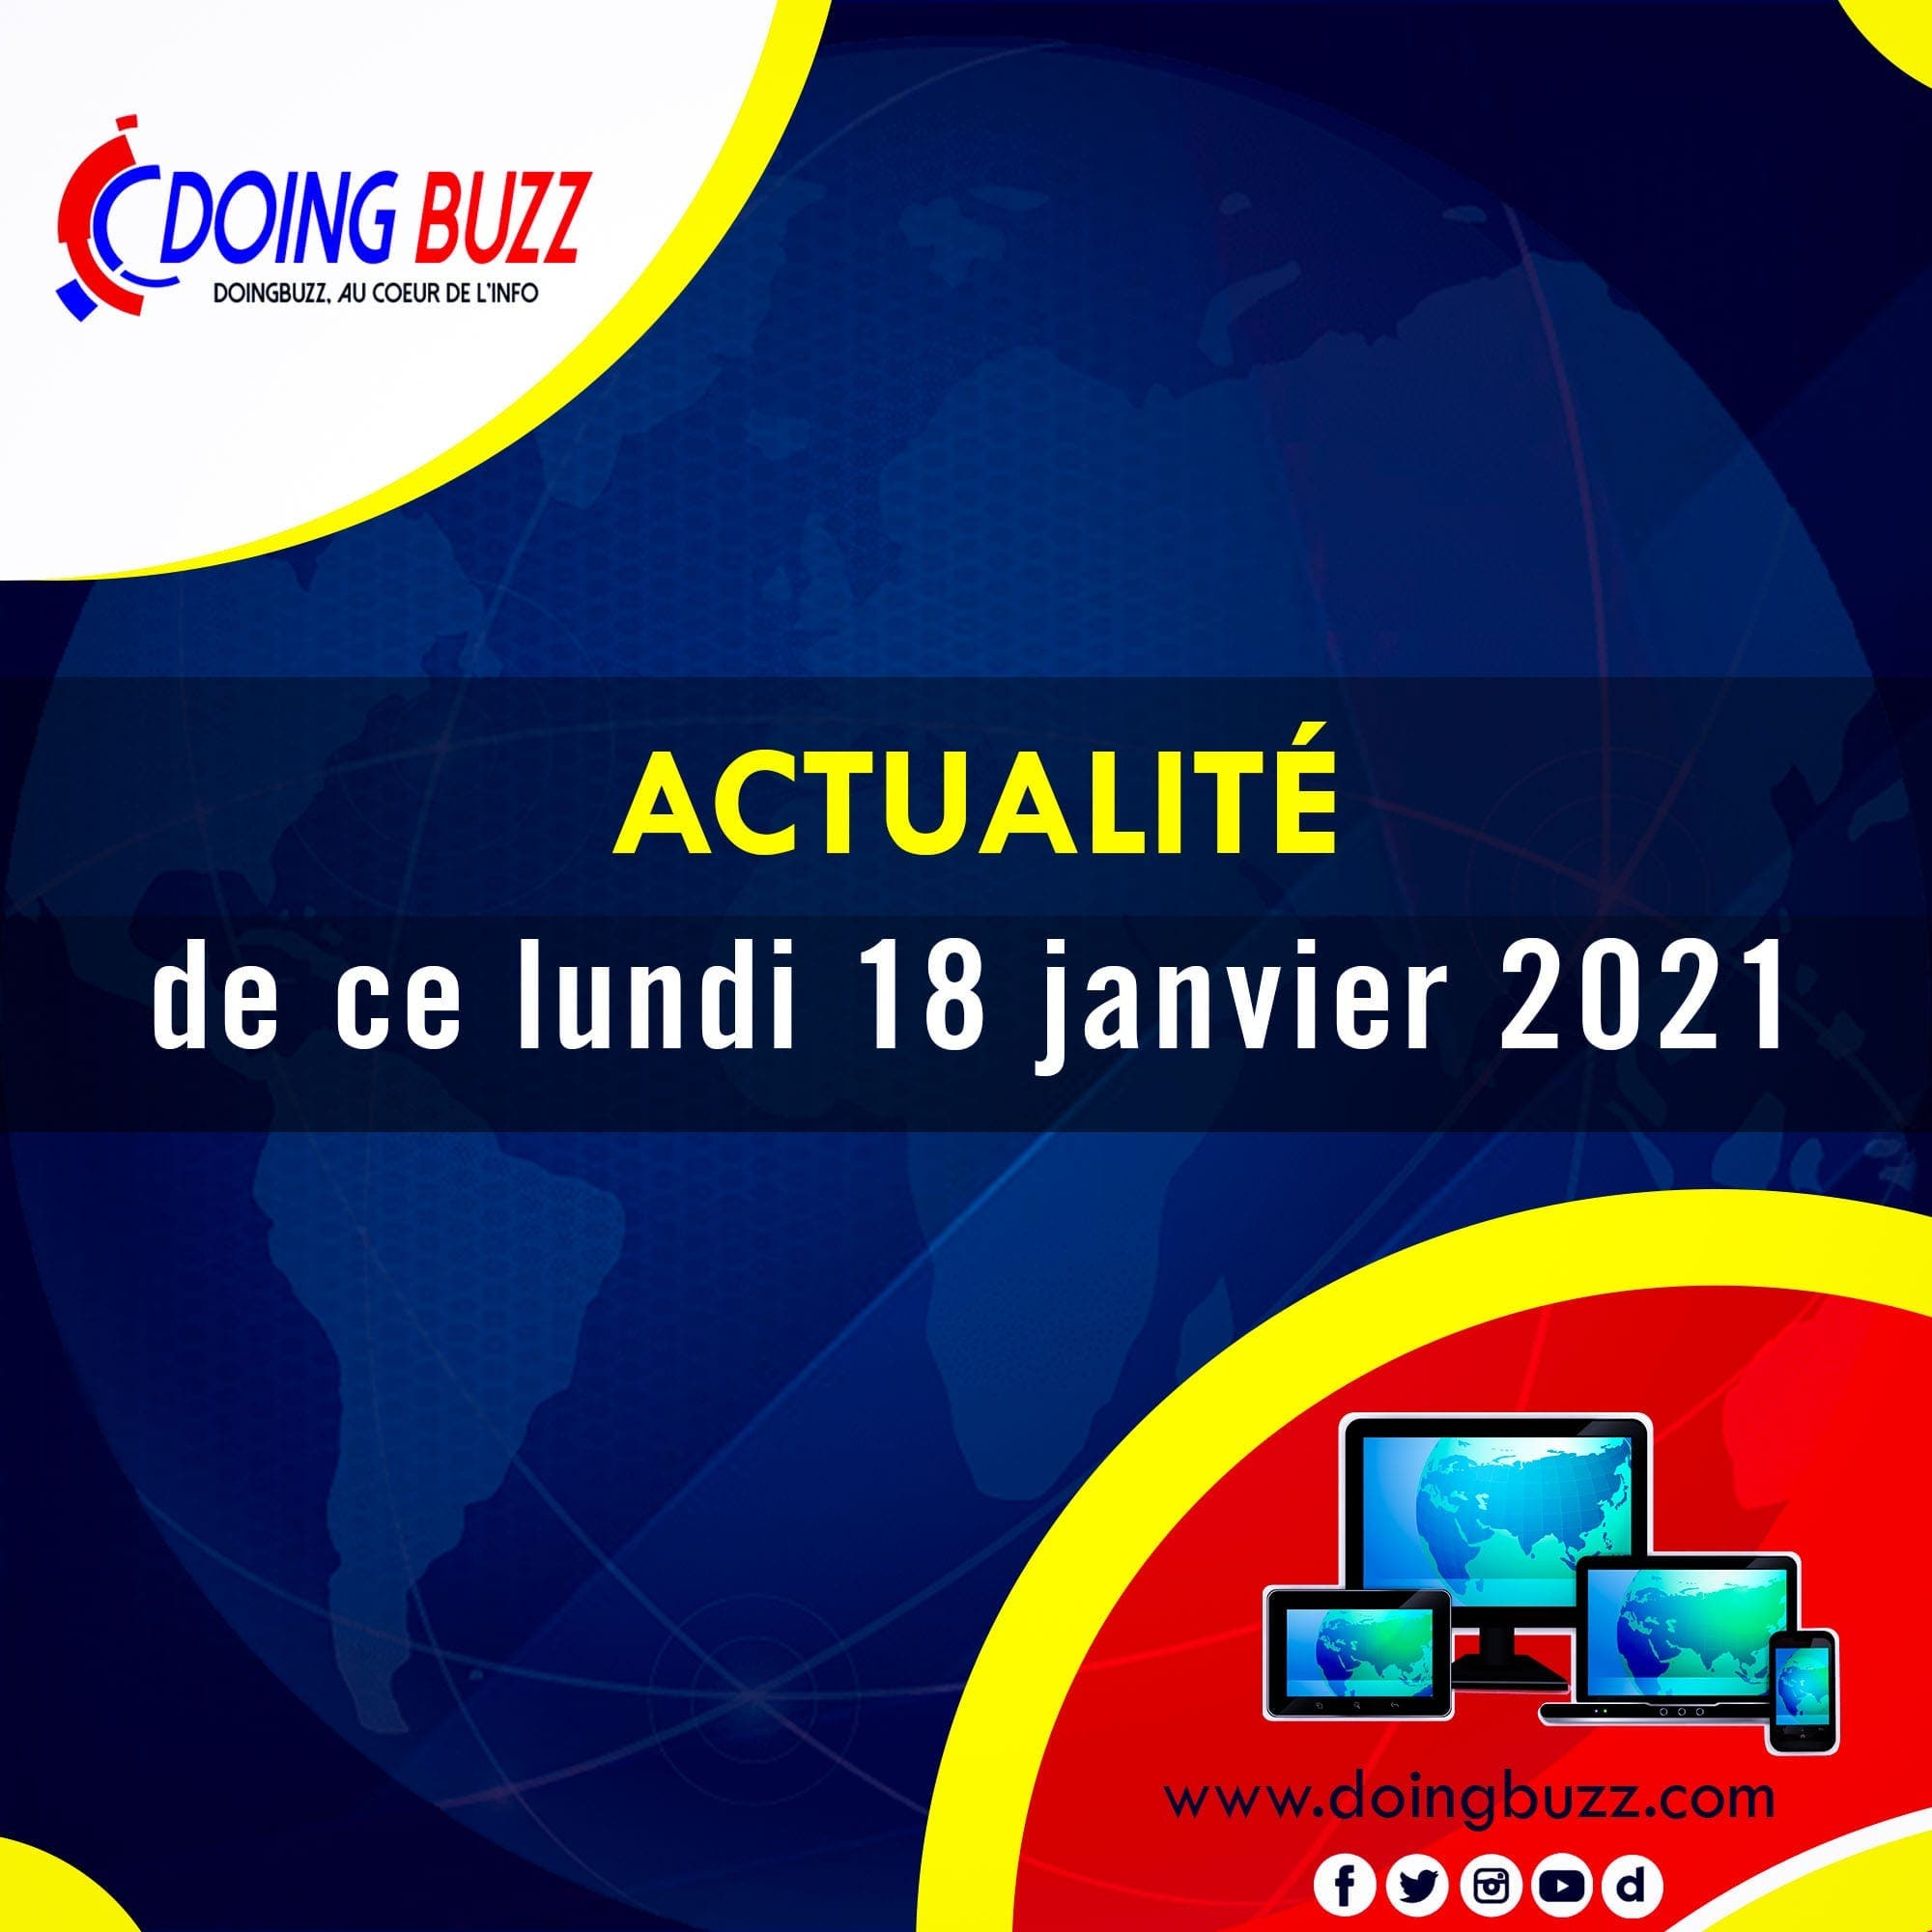 Actualités du jour sur Doingbuzz: Lundi le 18 Janvier 2021